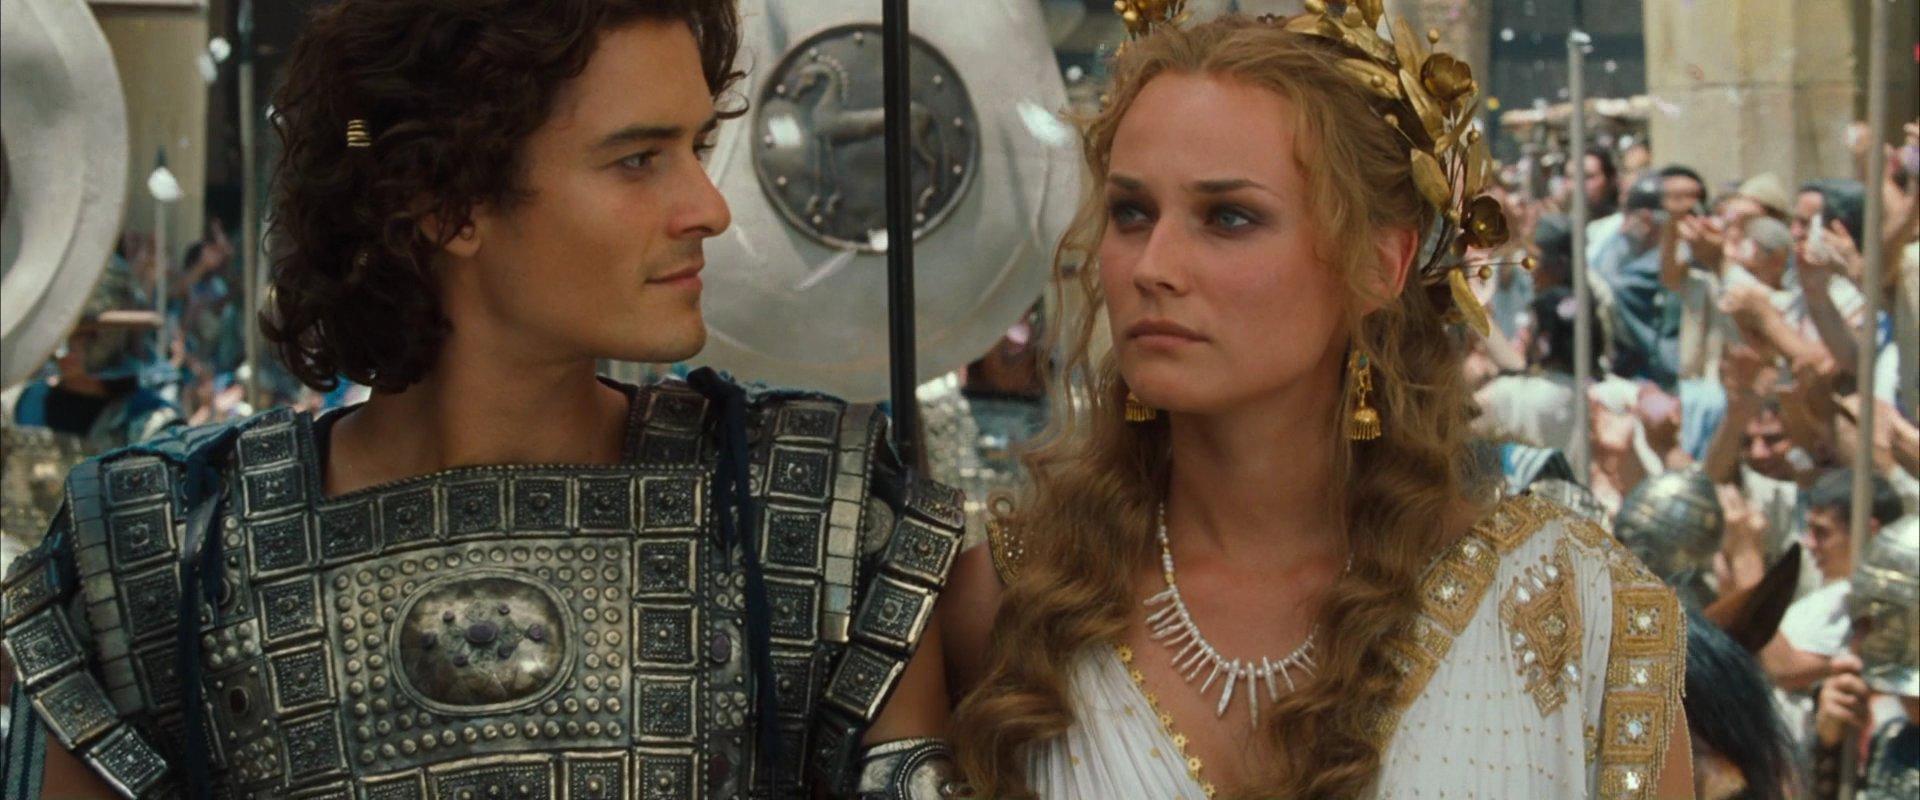 paris helens role in troys Troy (2004) cast and crew credits paris siri svegler helen's handmaiden ken bones hippasus.